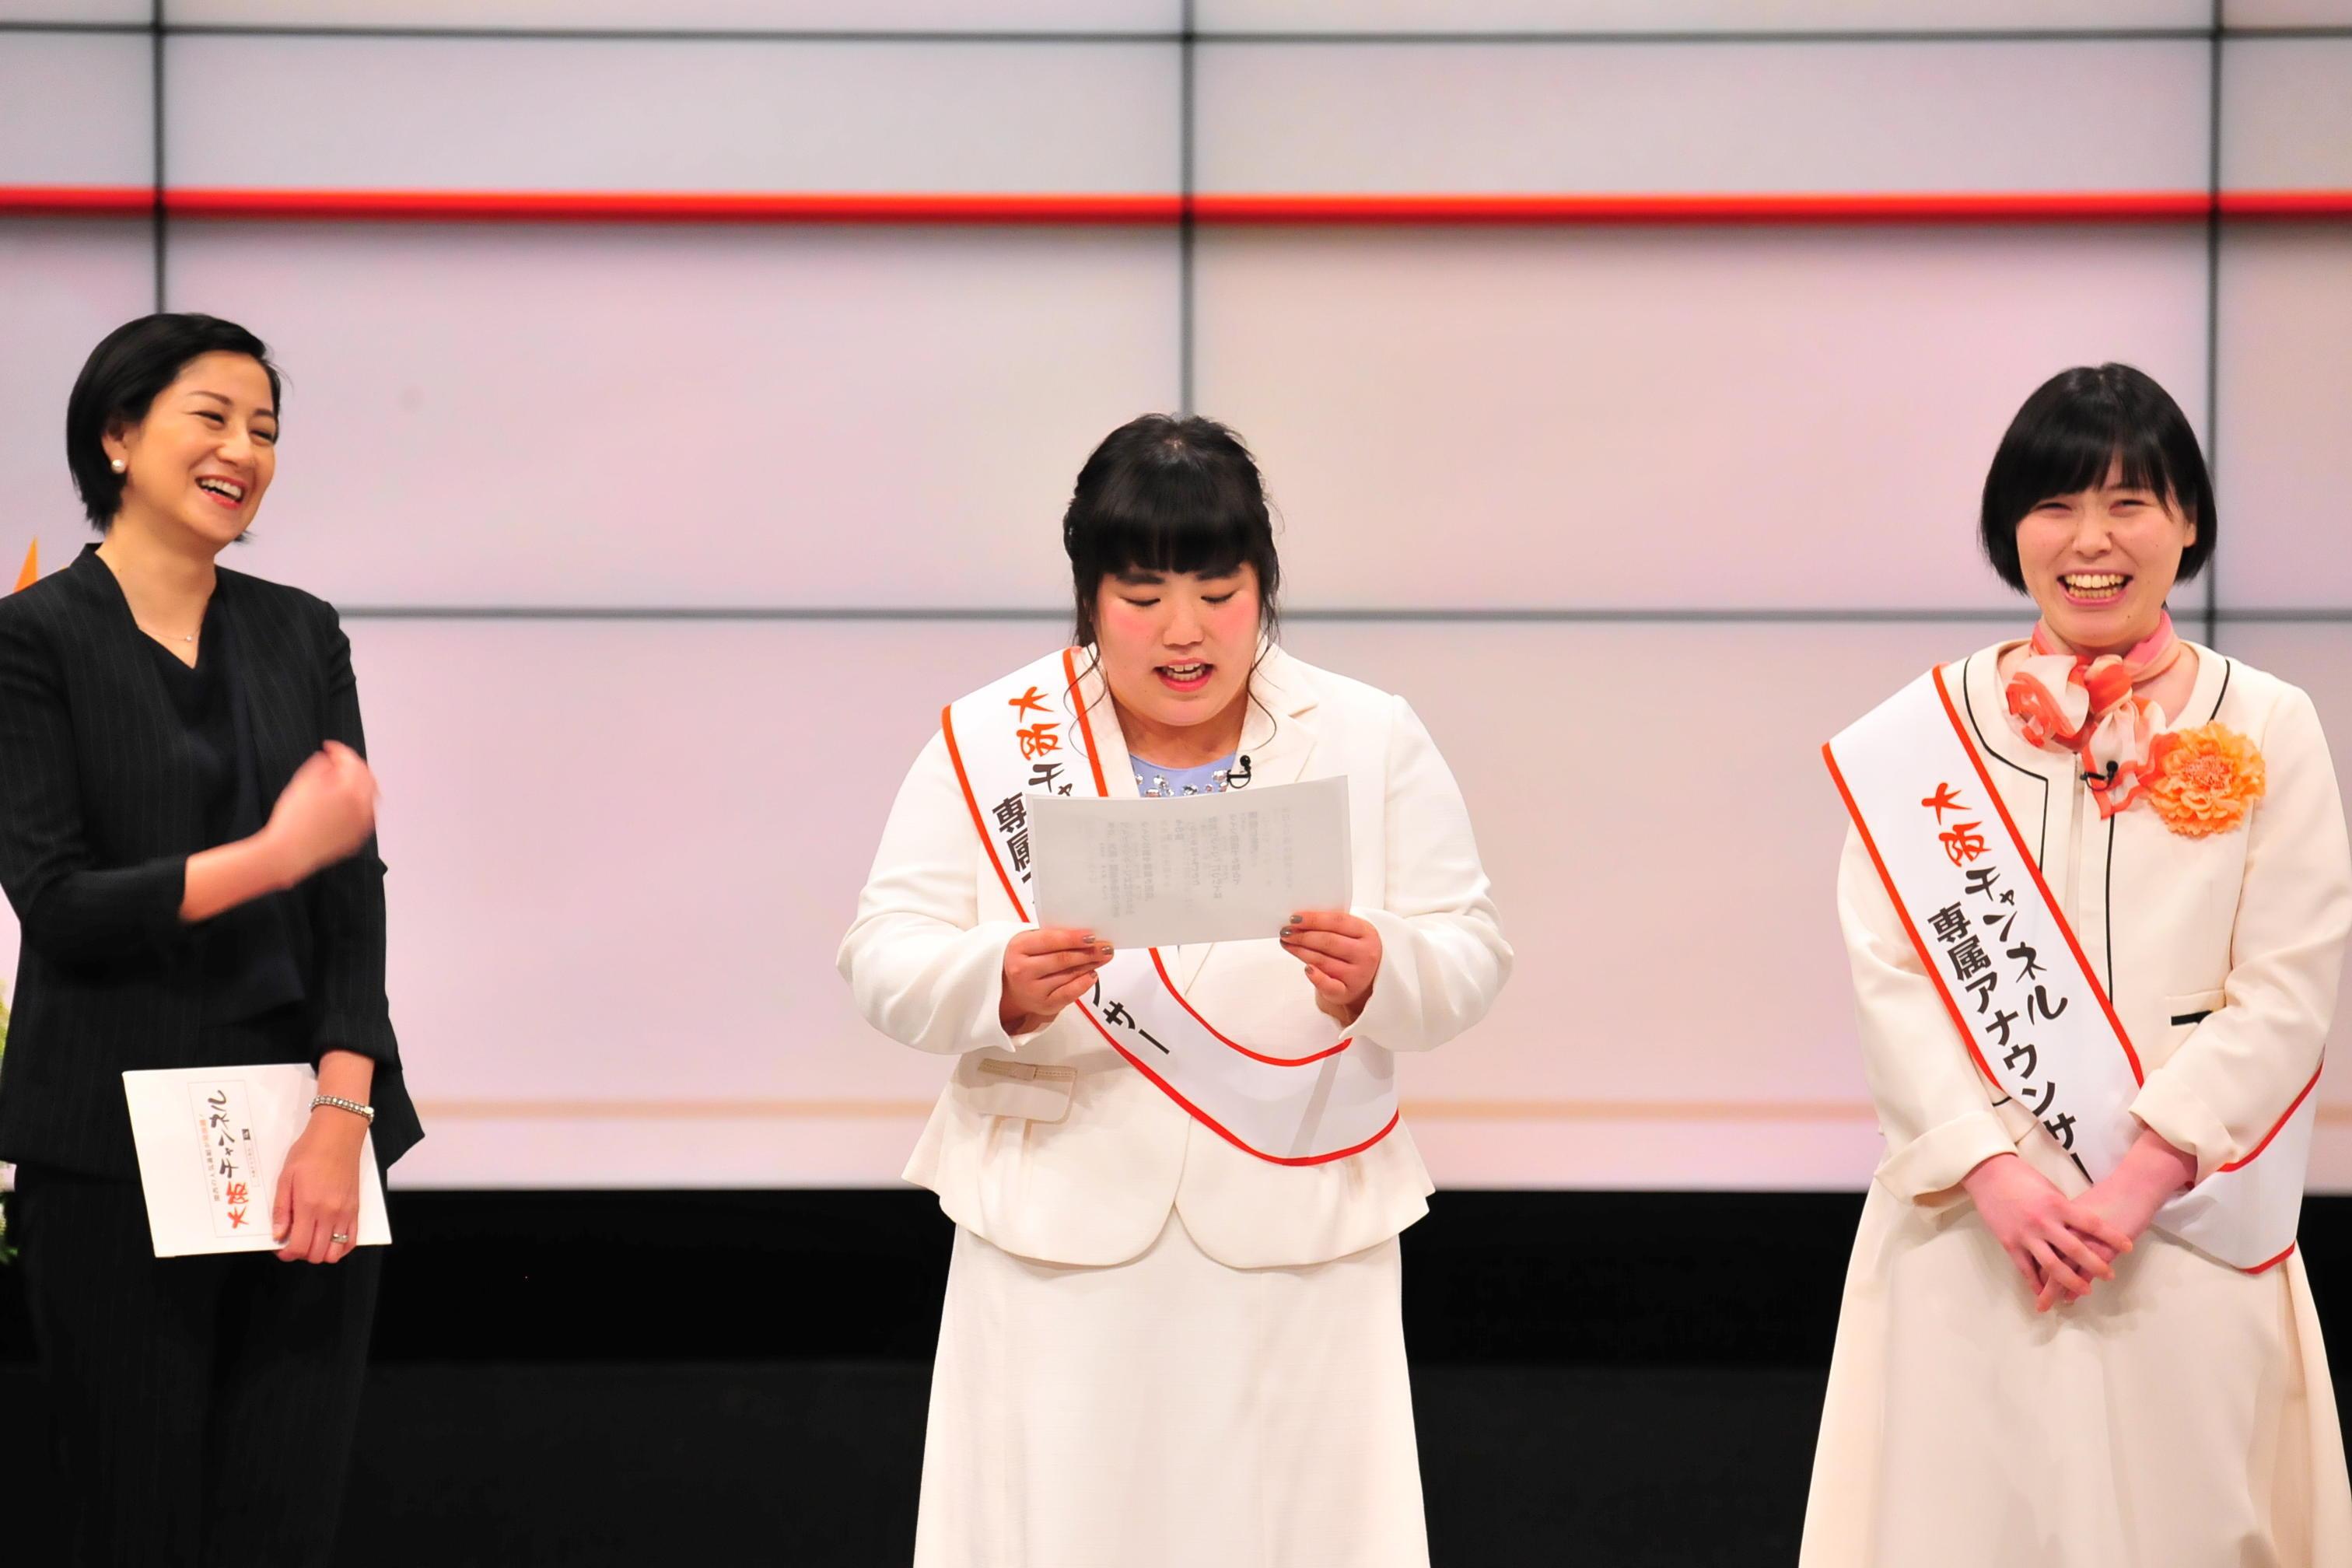 http://news.yoshimoto.co.jp/20170425161216-cf22aaa0996cc51bc38115610a15622582415f7d.jpg